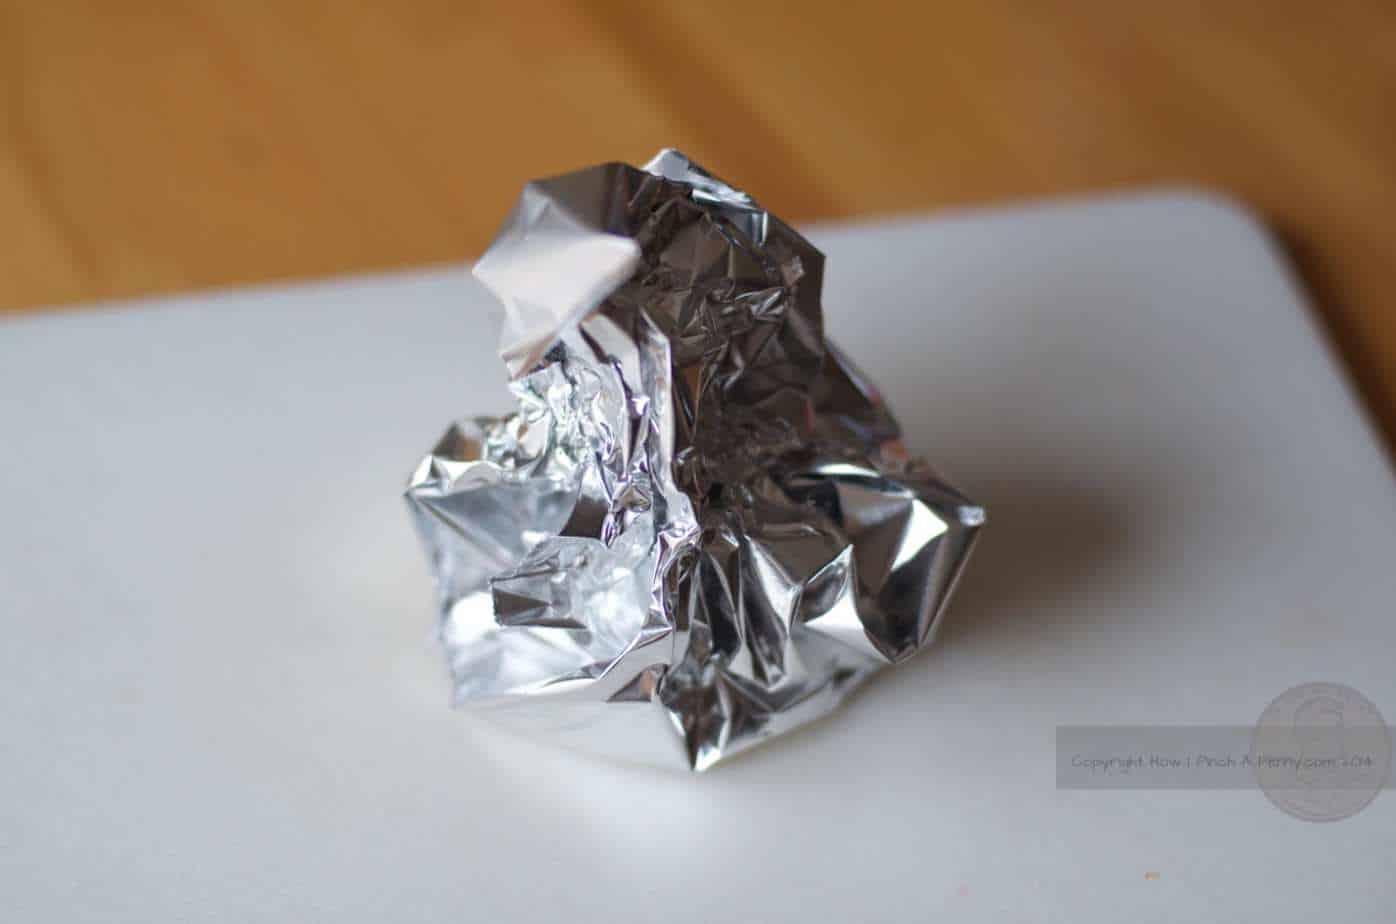 foil with a garlic bulb inside